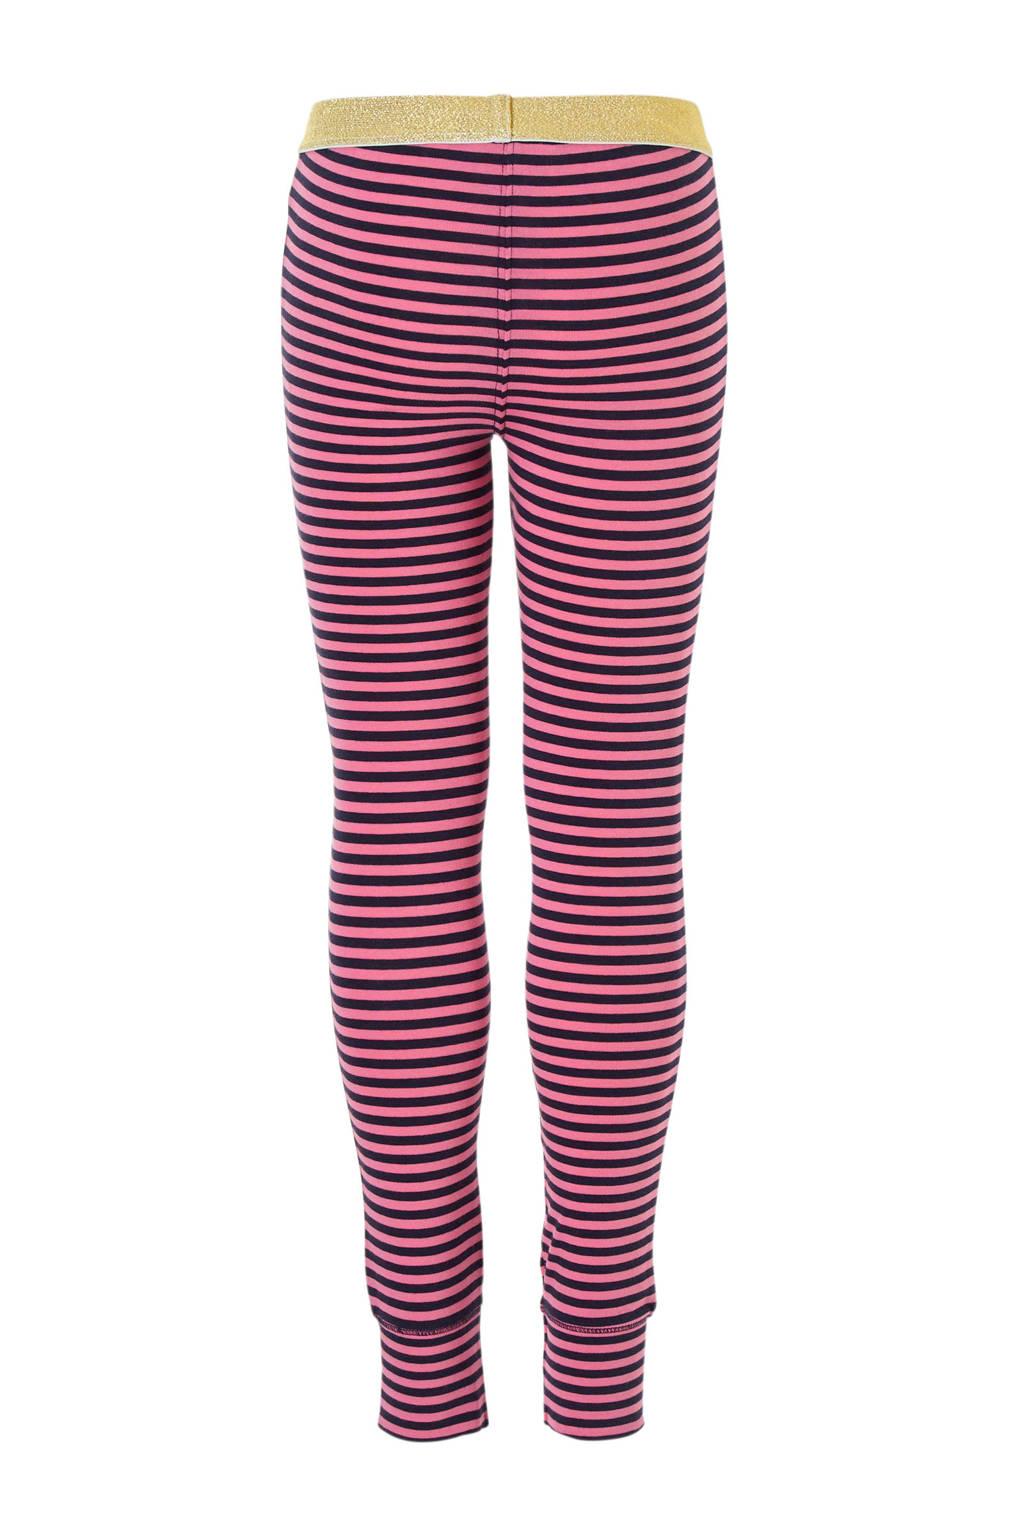 Z8 gestreepte legging Brechtje roze/blauw, Roze/blauw